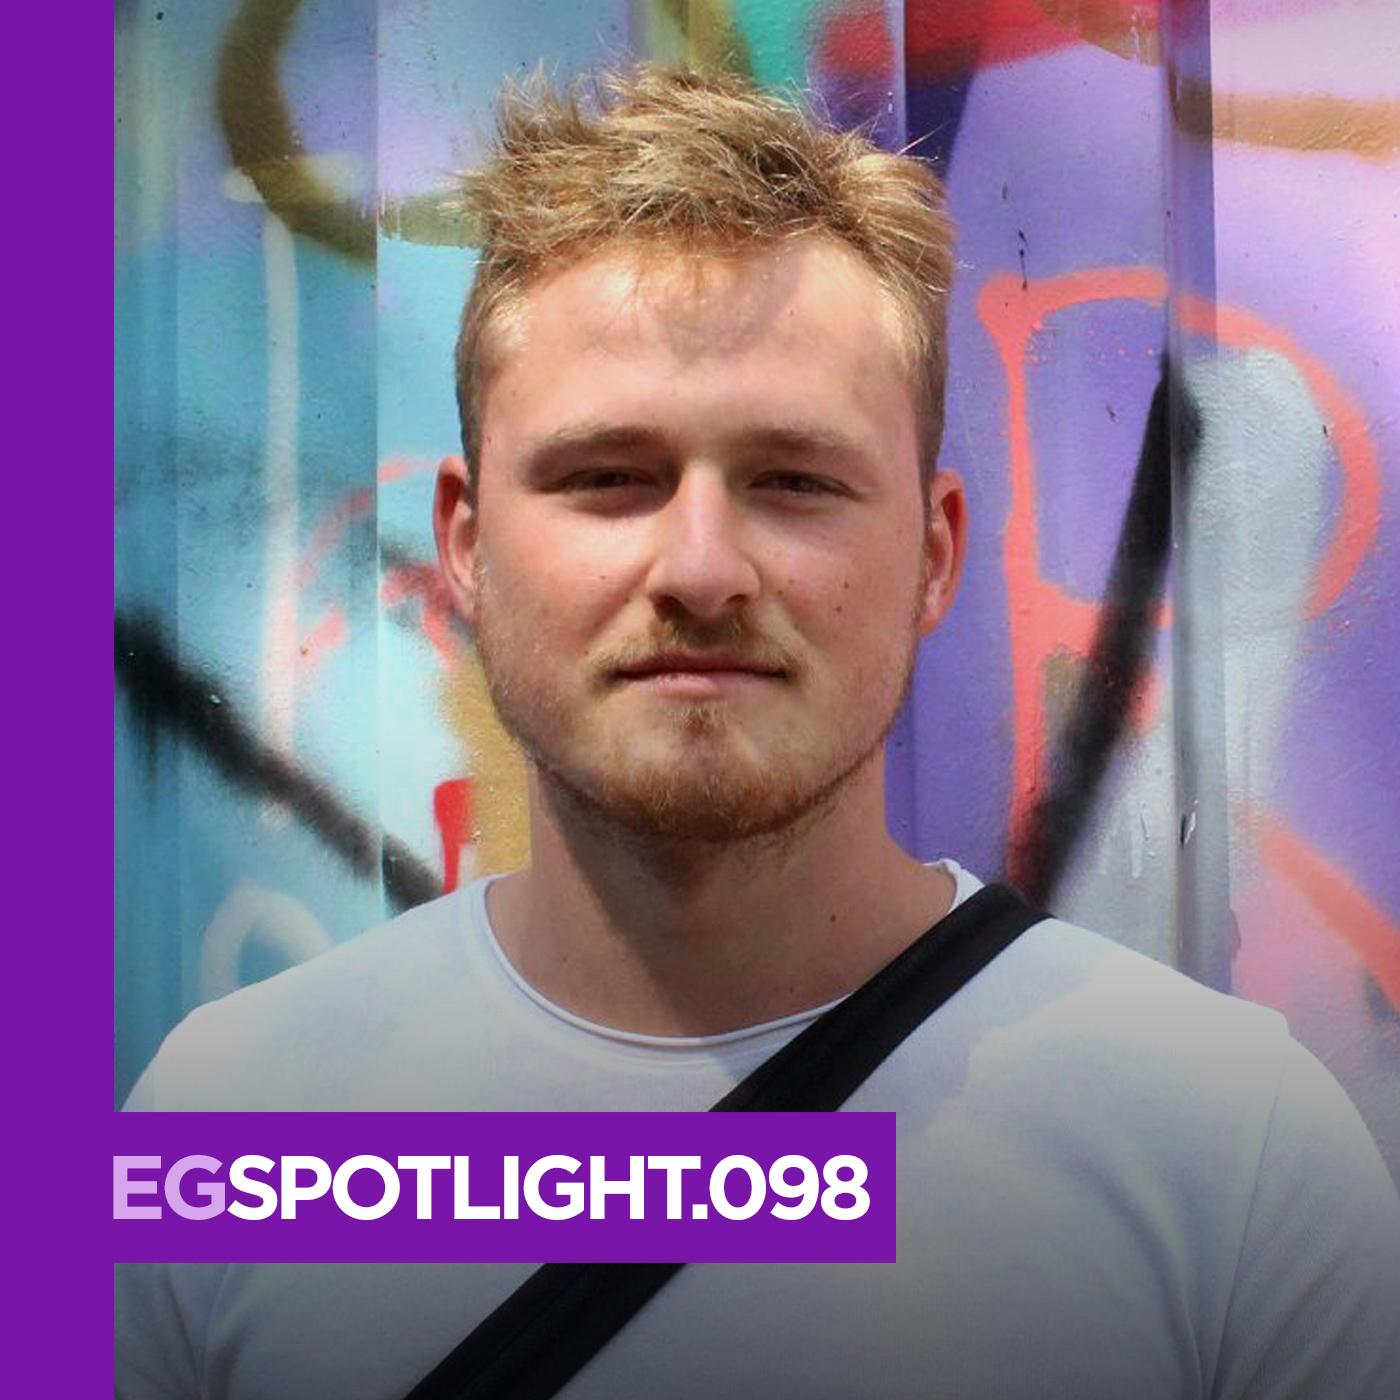 EGSPOT-098-Michael-Ritter